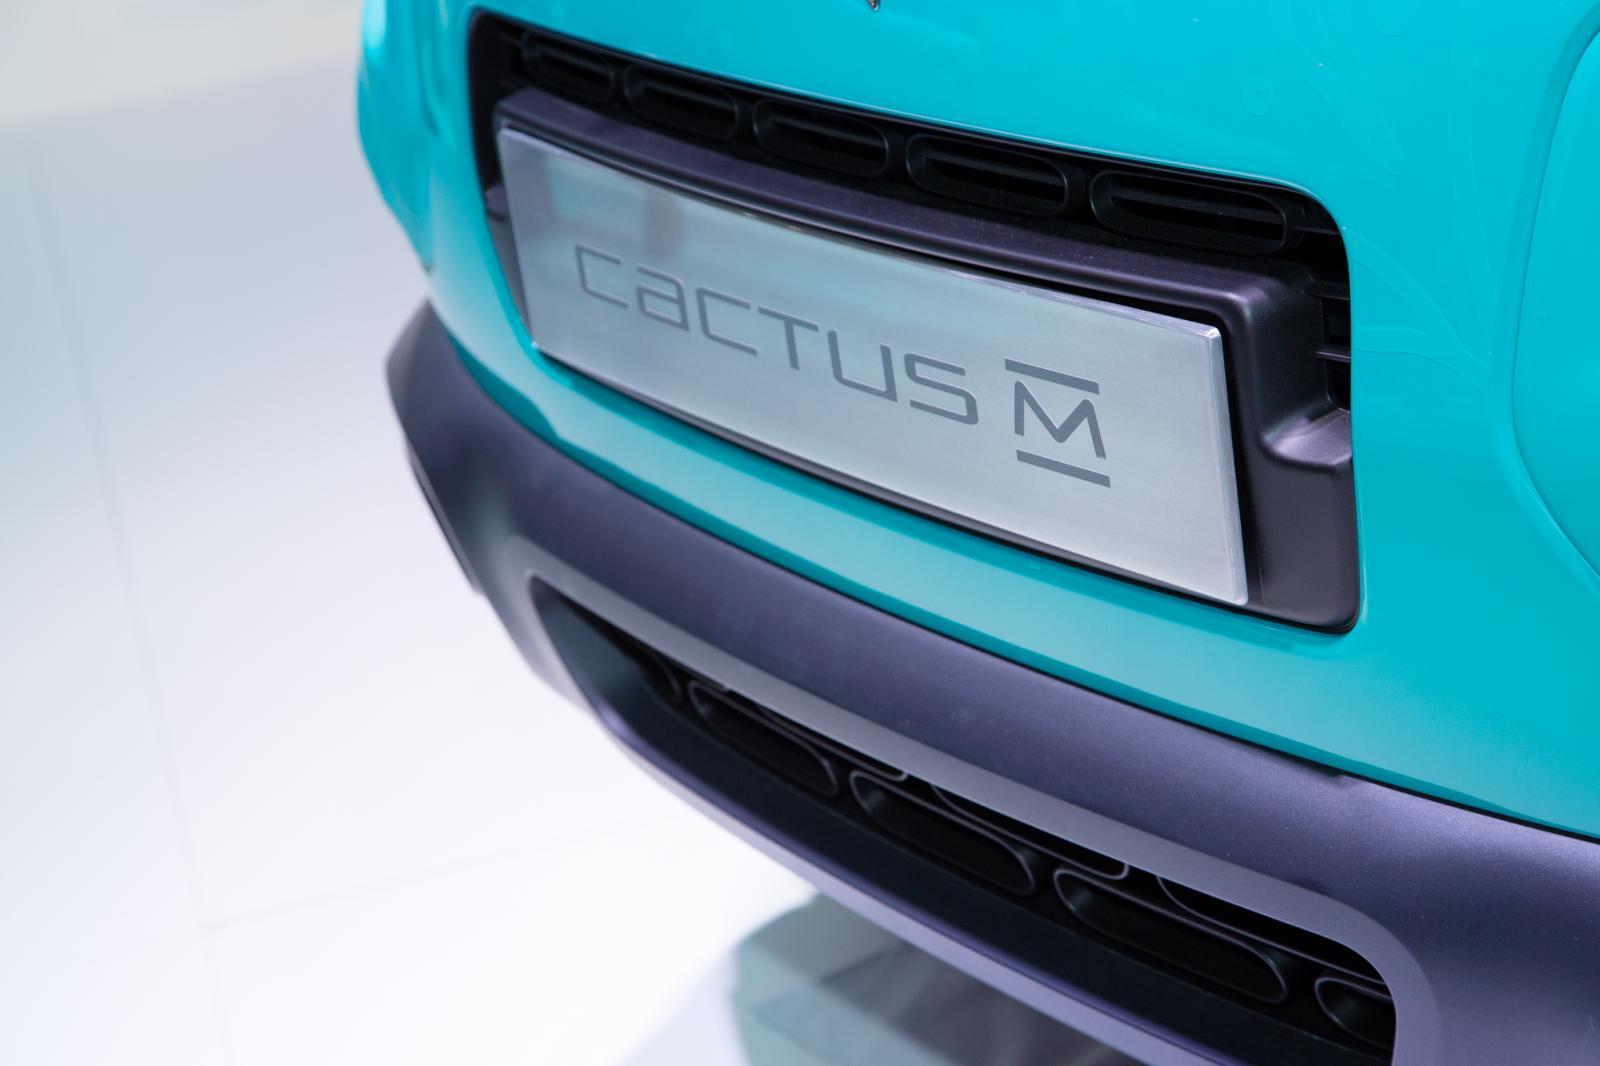 Cactus M 2015 plaque avant